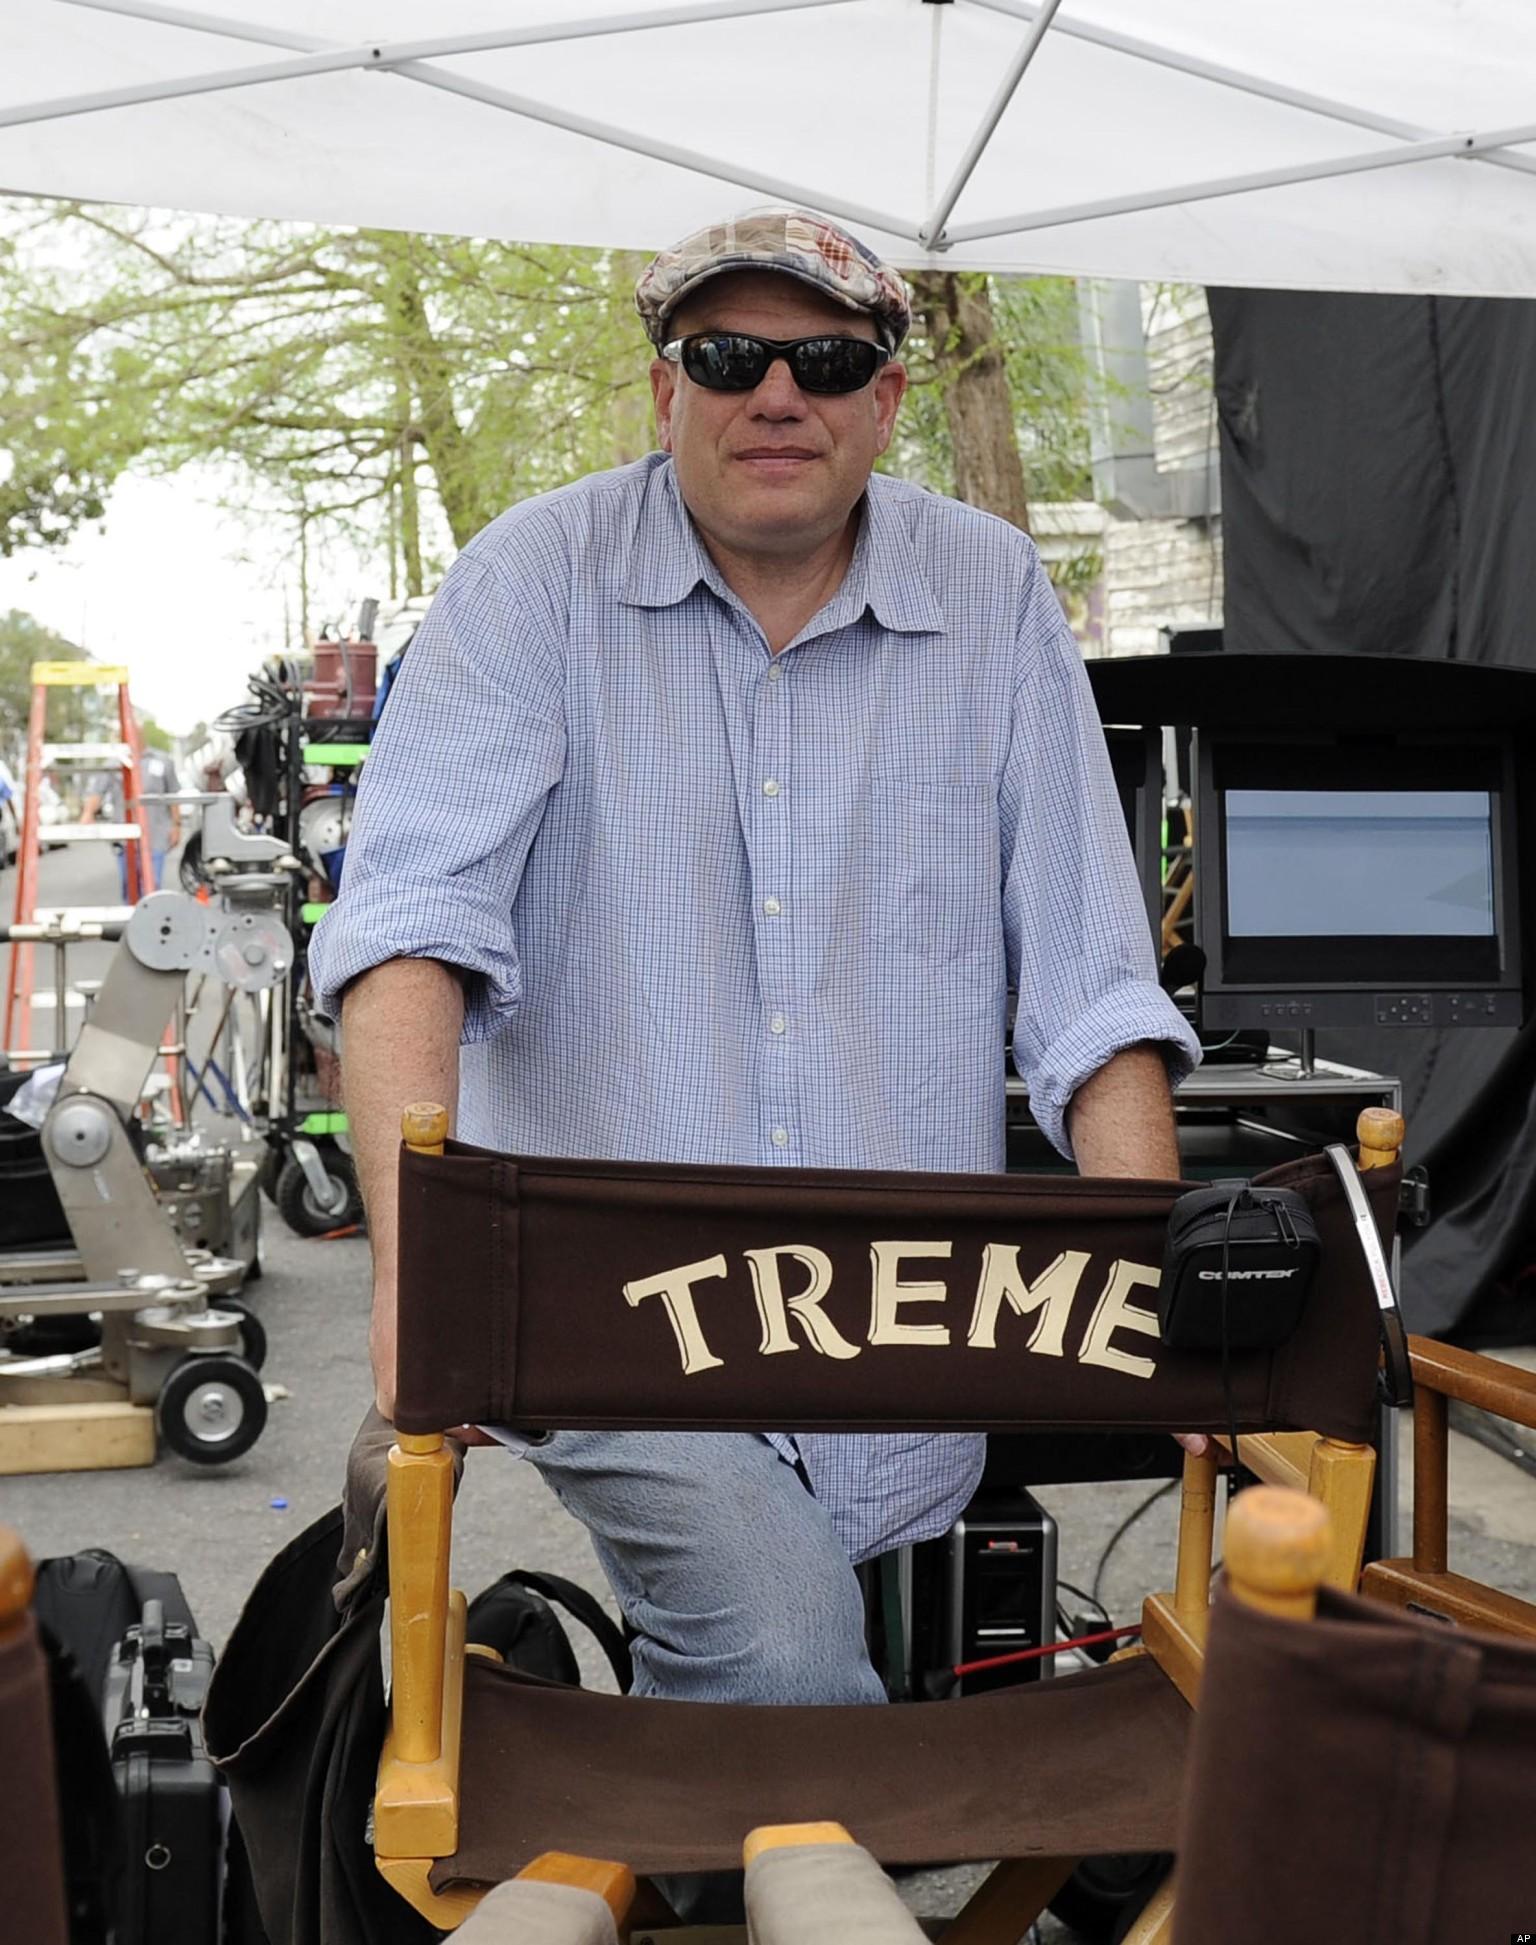 Treme season 4 Free Download Full Show Episodes